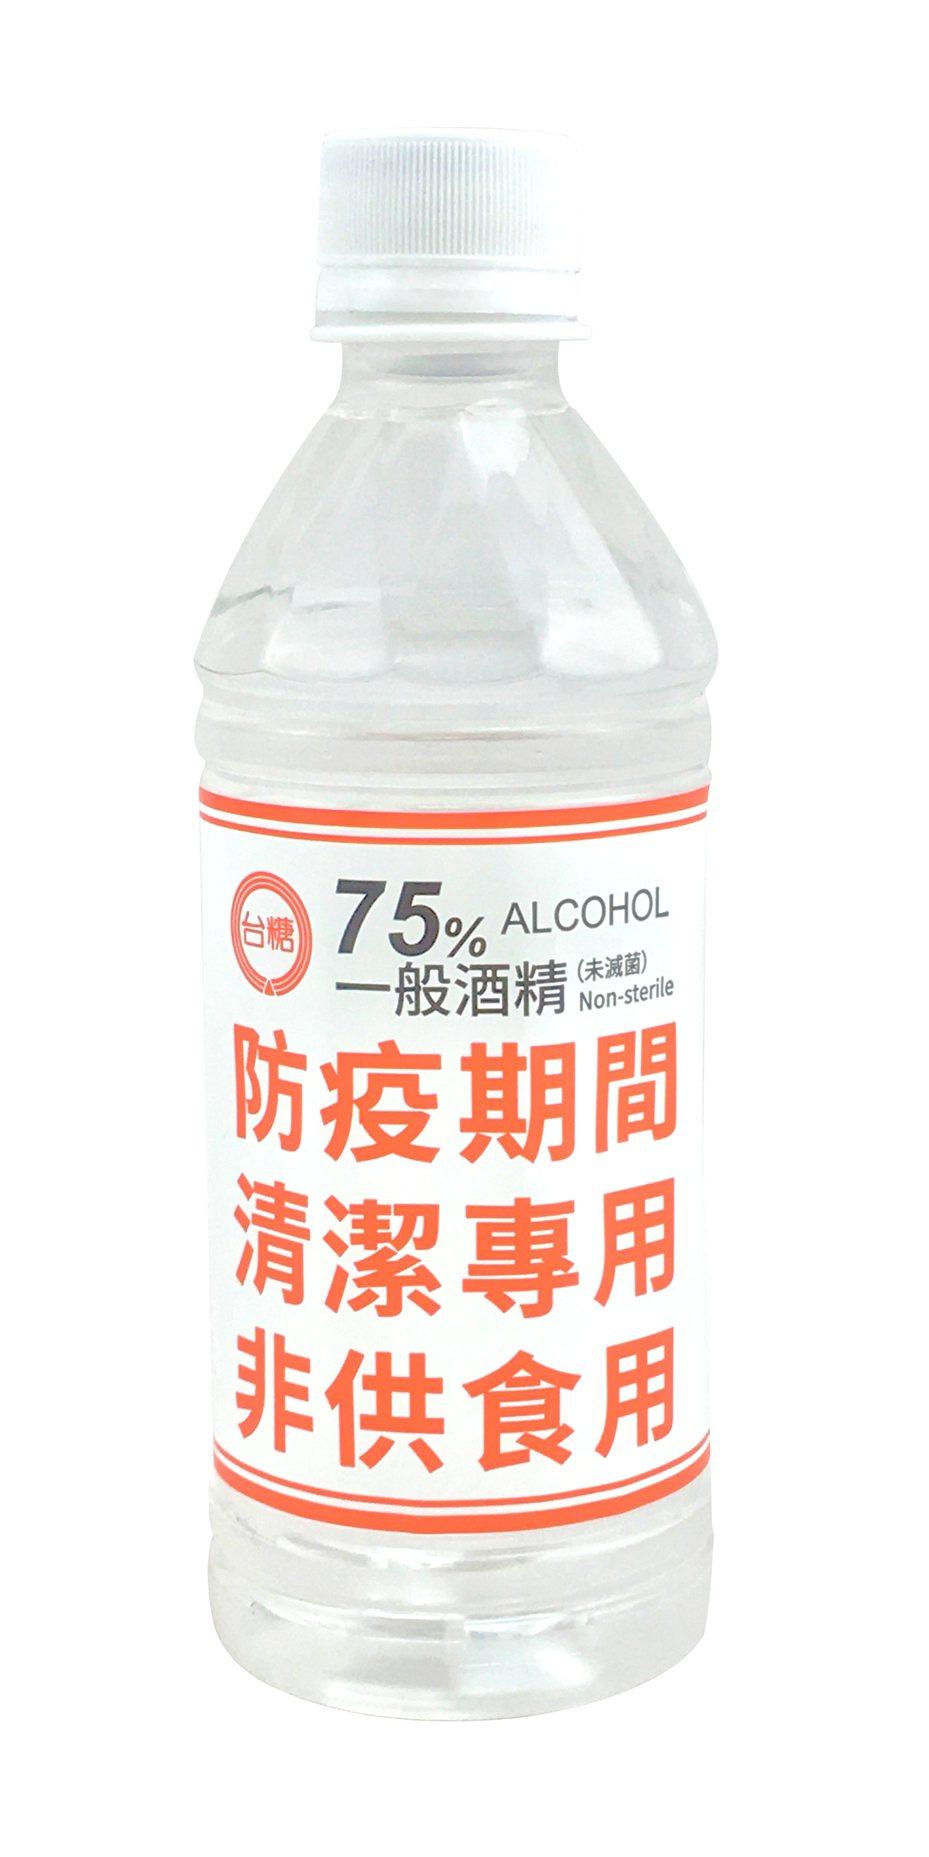 台糖酒精350ml即日起於全家便利商店開售。圖/台糖提供